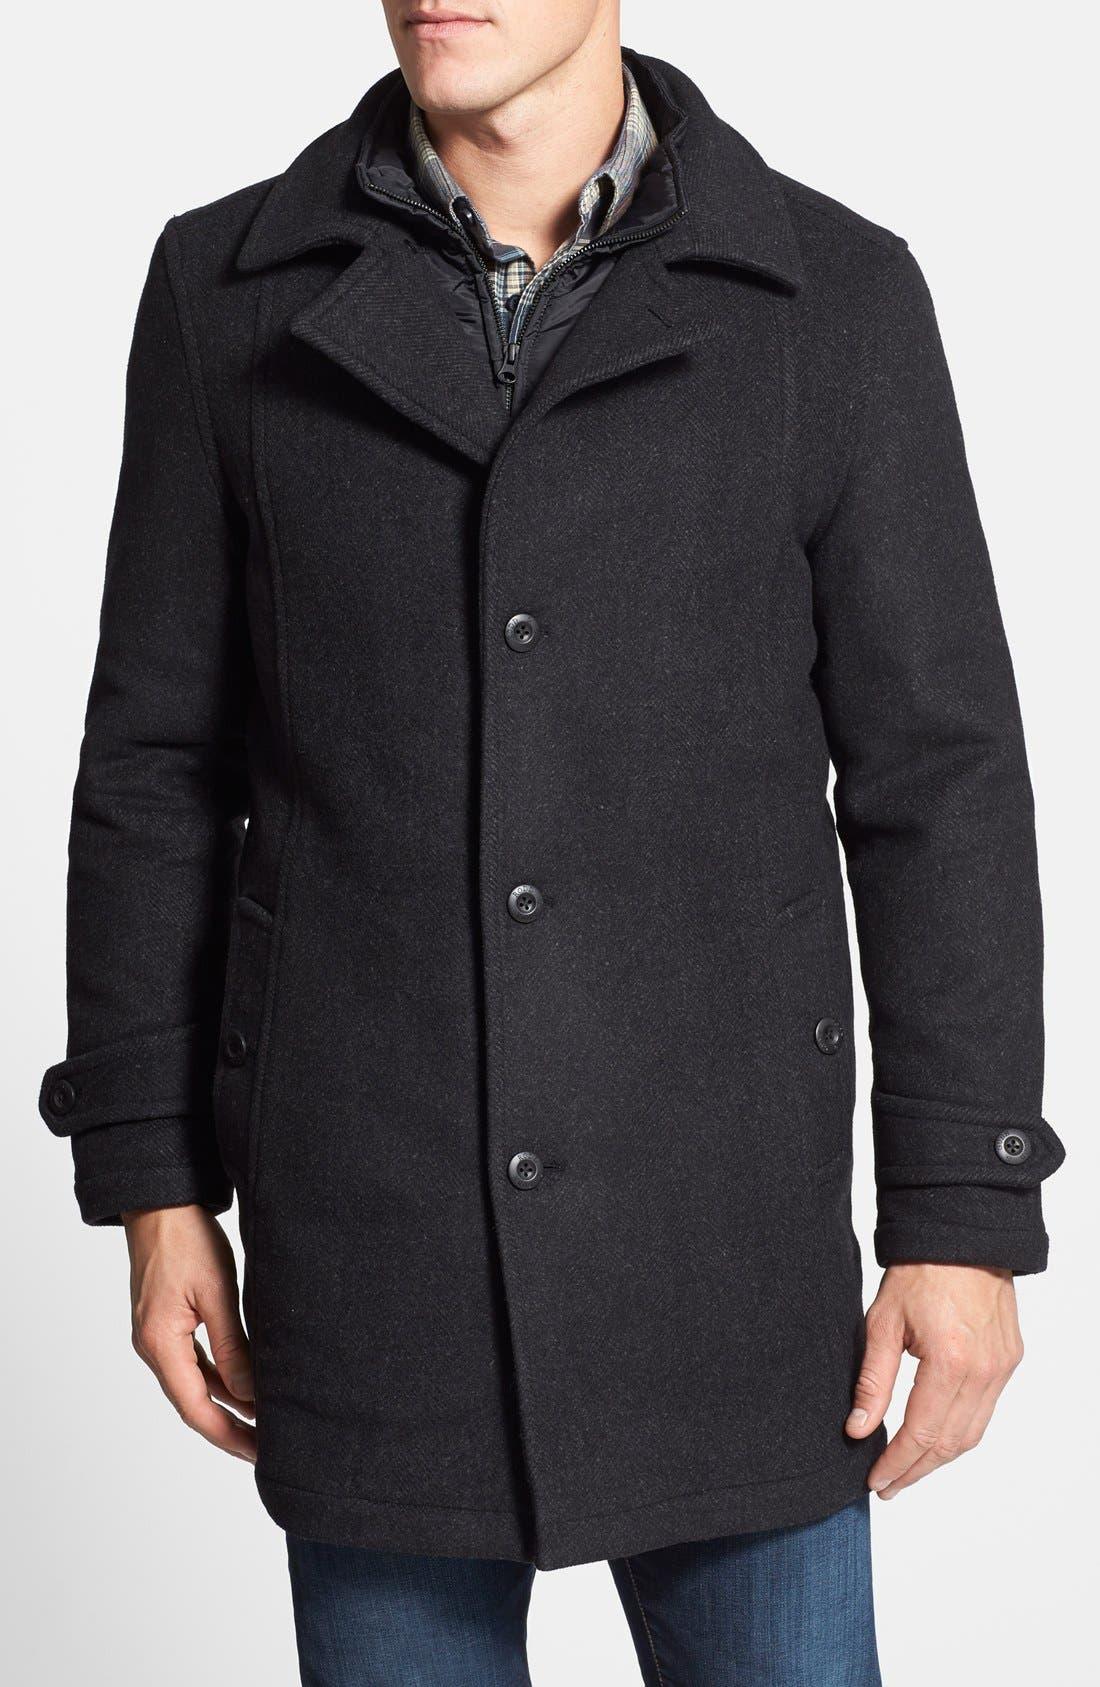 'Westown' 3-in-1 Wool Blend Coat,                         Main,                         color, Onyx